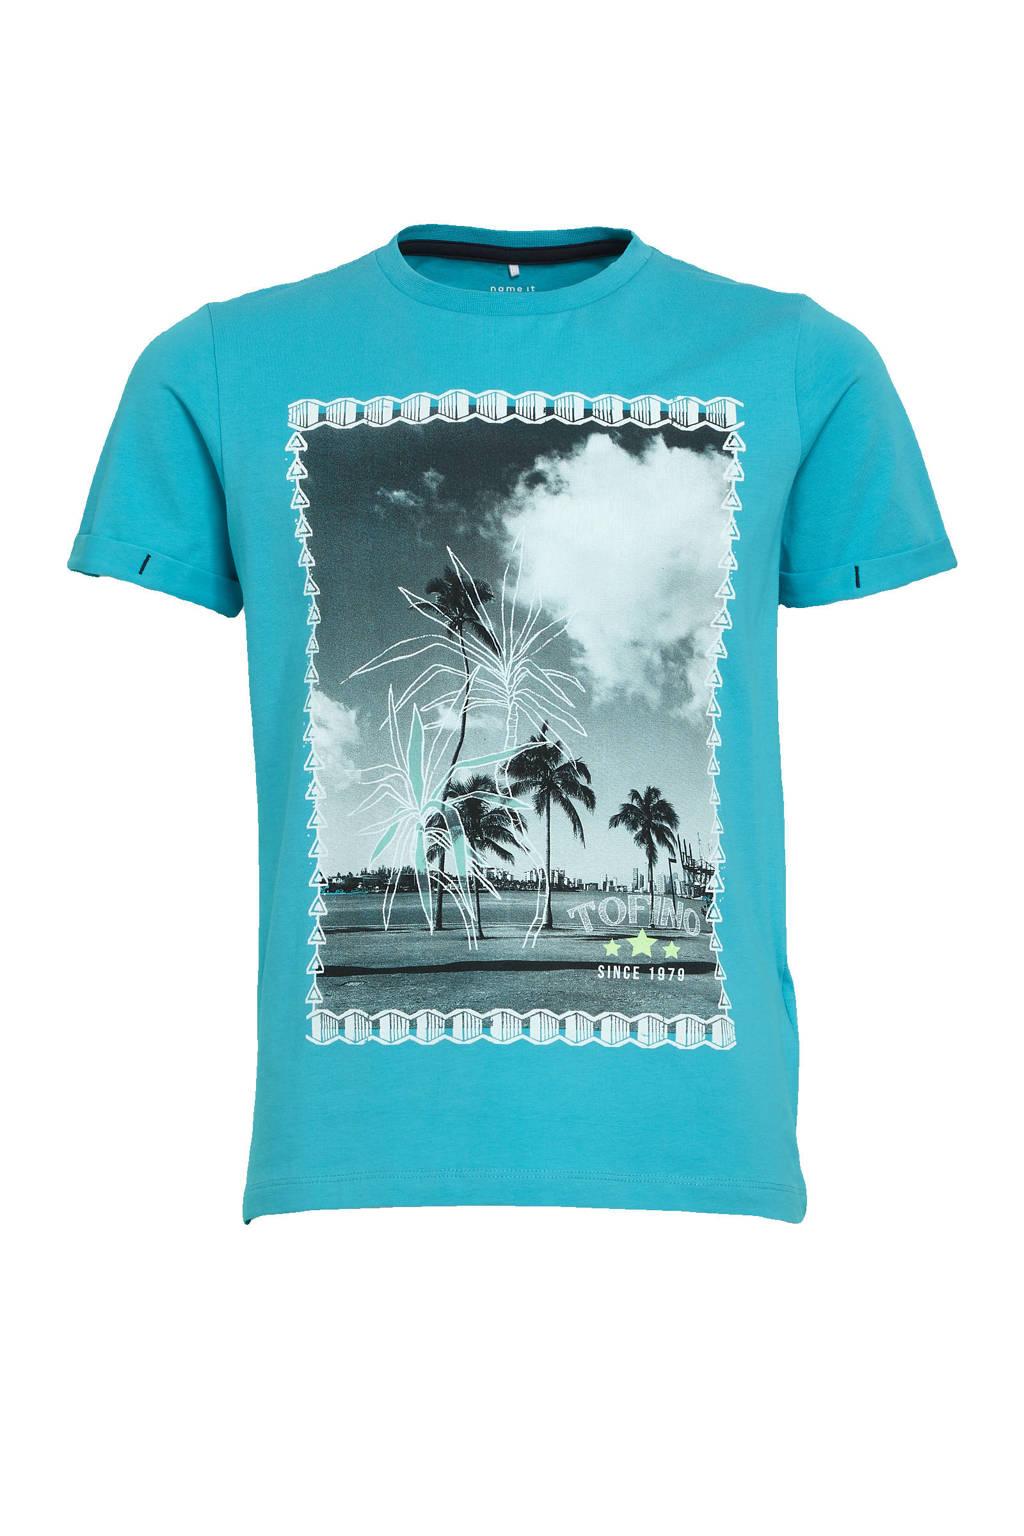 NAME IT KIDS T-shirt Zoccando met biologisch katoen turquoise, Turquoise